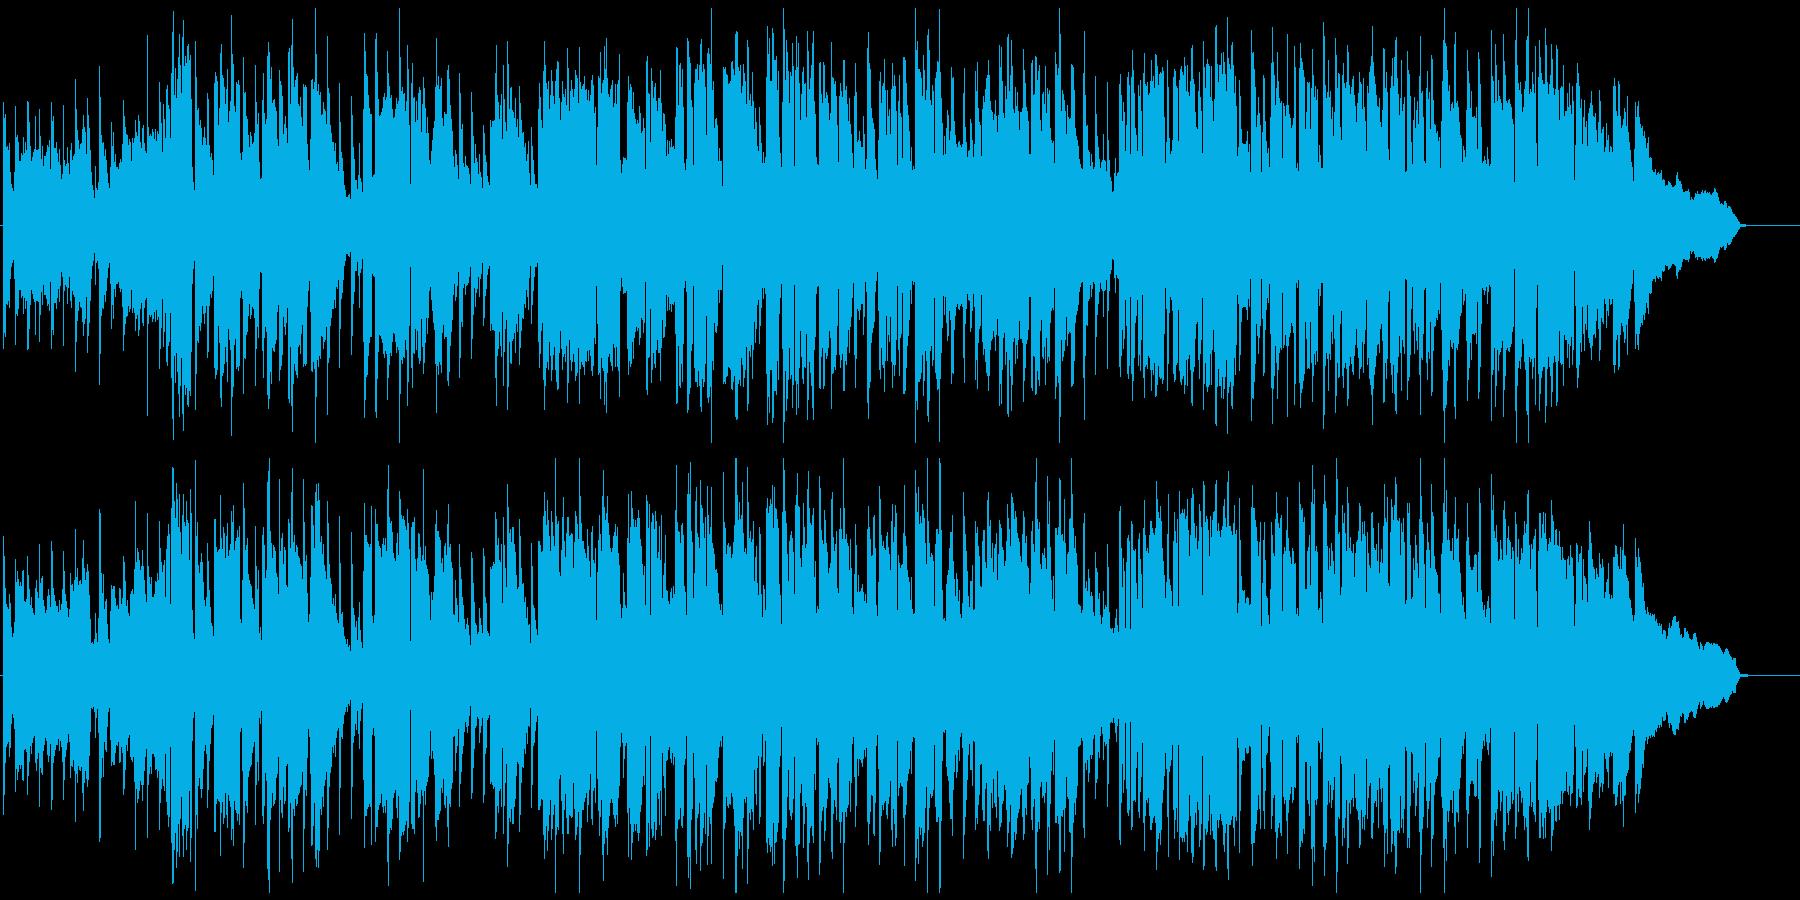 遠足やピクニック系の楽しいウキウキBGMの再生済みの波形